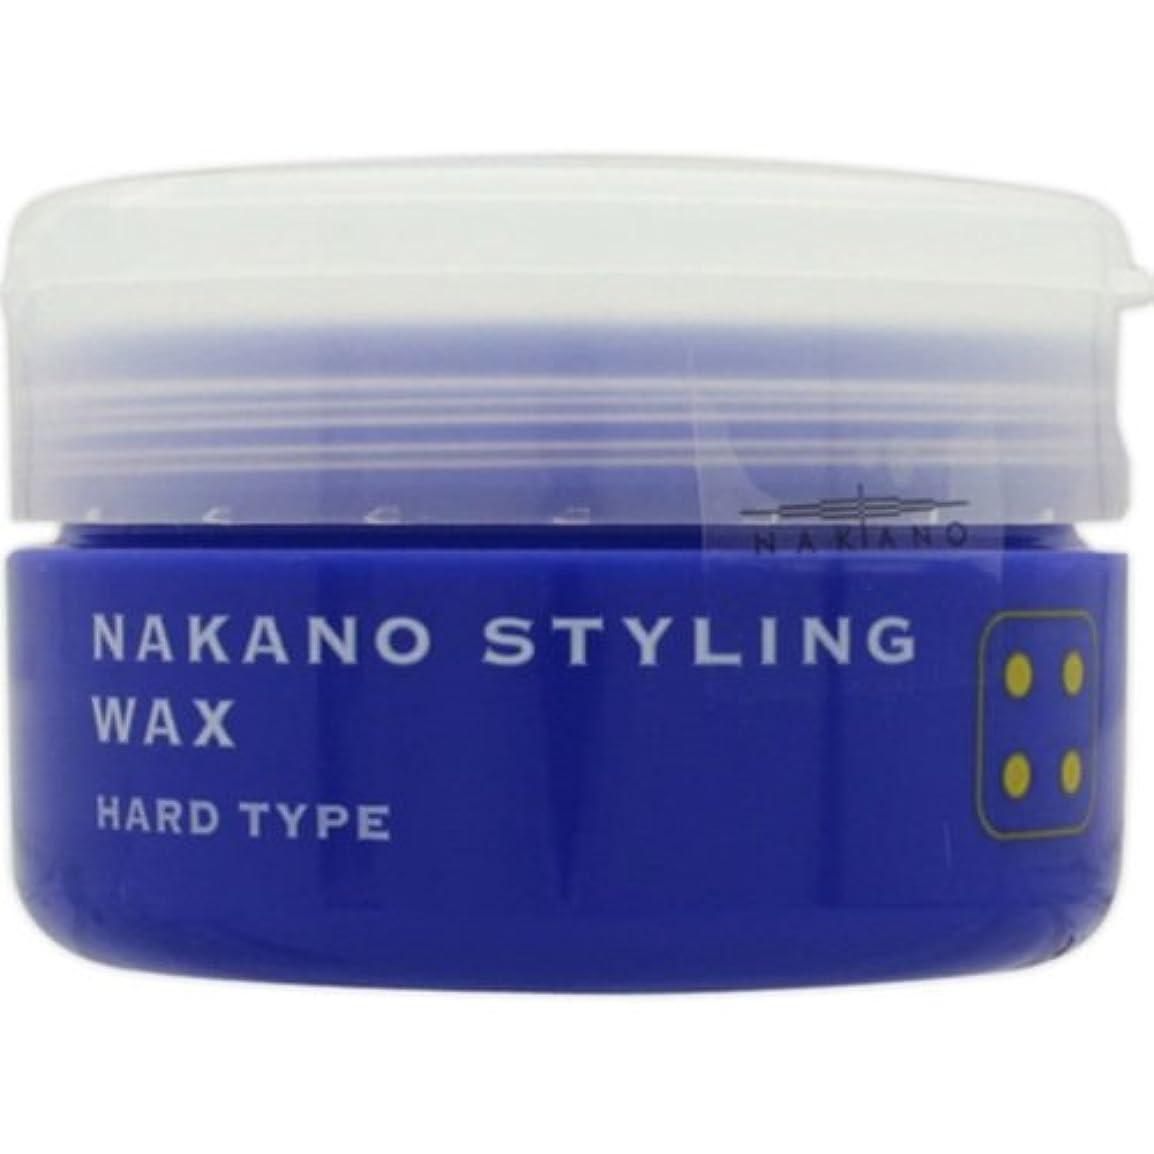 忌み嫌う換気湾ナカノ スタイリングワックス 4 ハードタイプ 90g 中野製薬 NAKANO [並行輸入品]